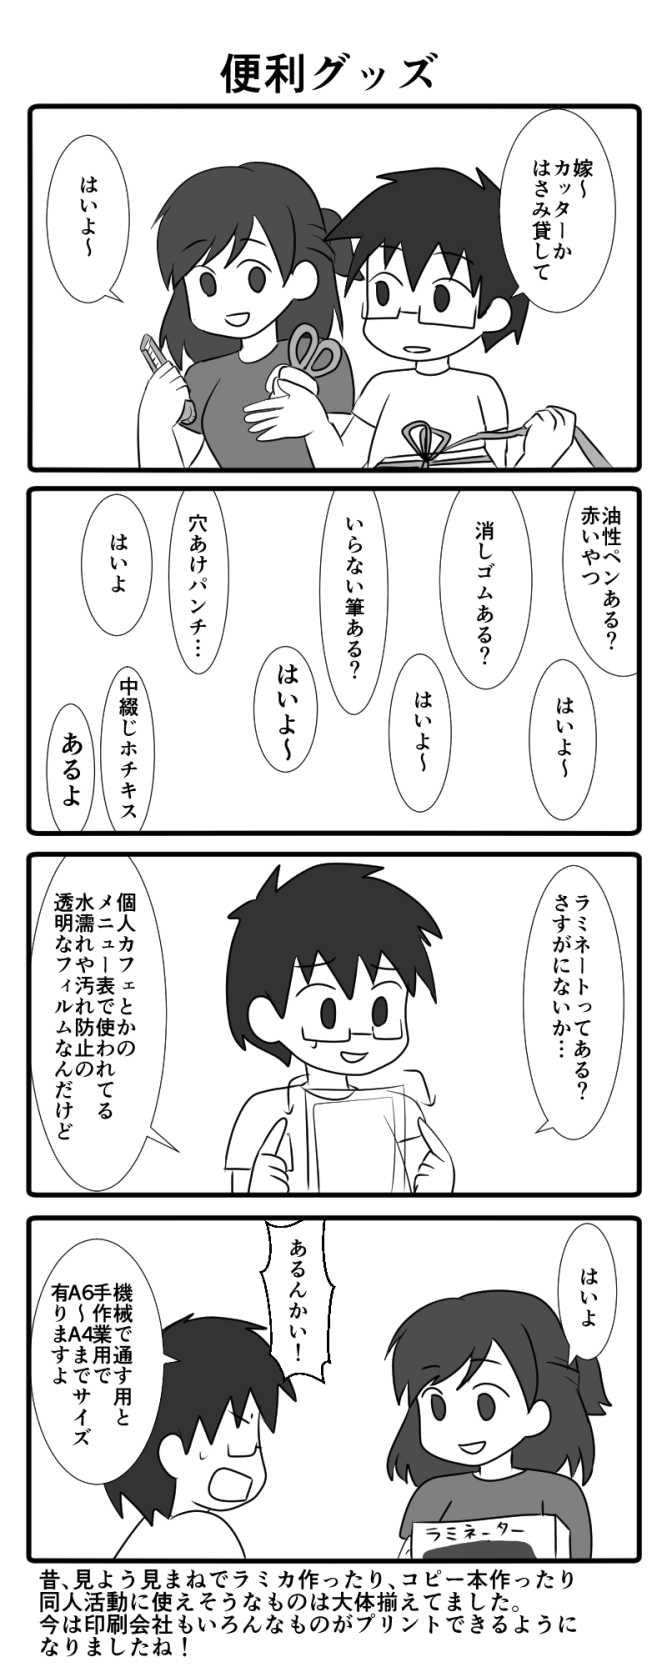 便利グッズ